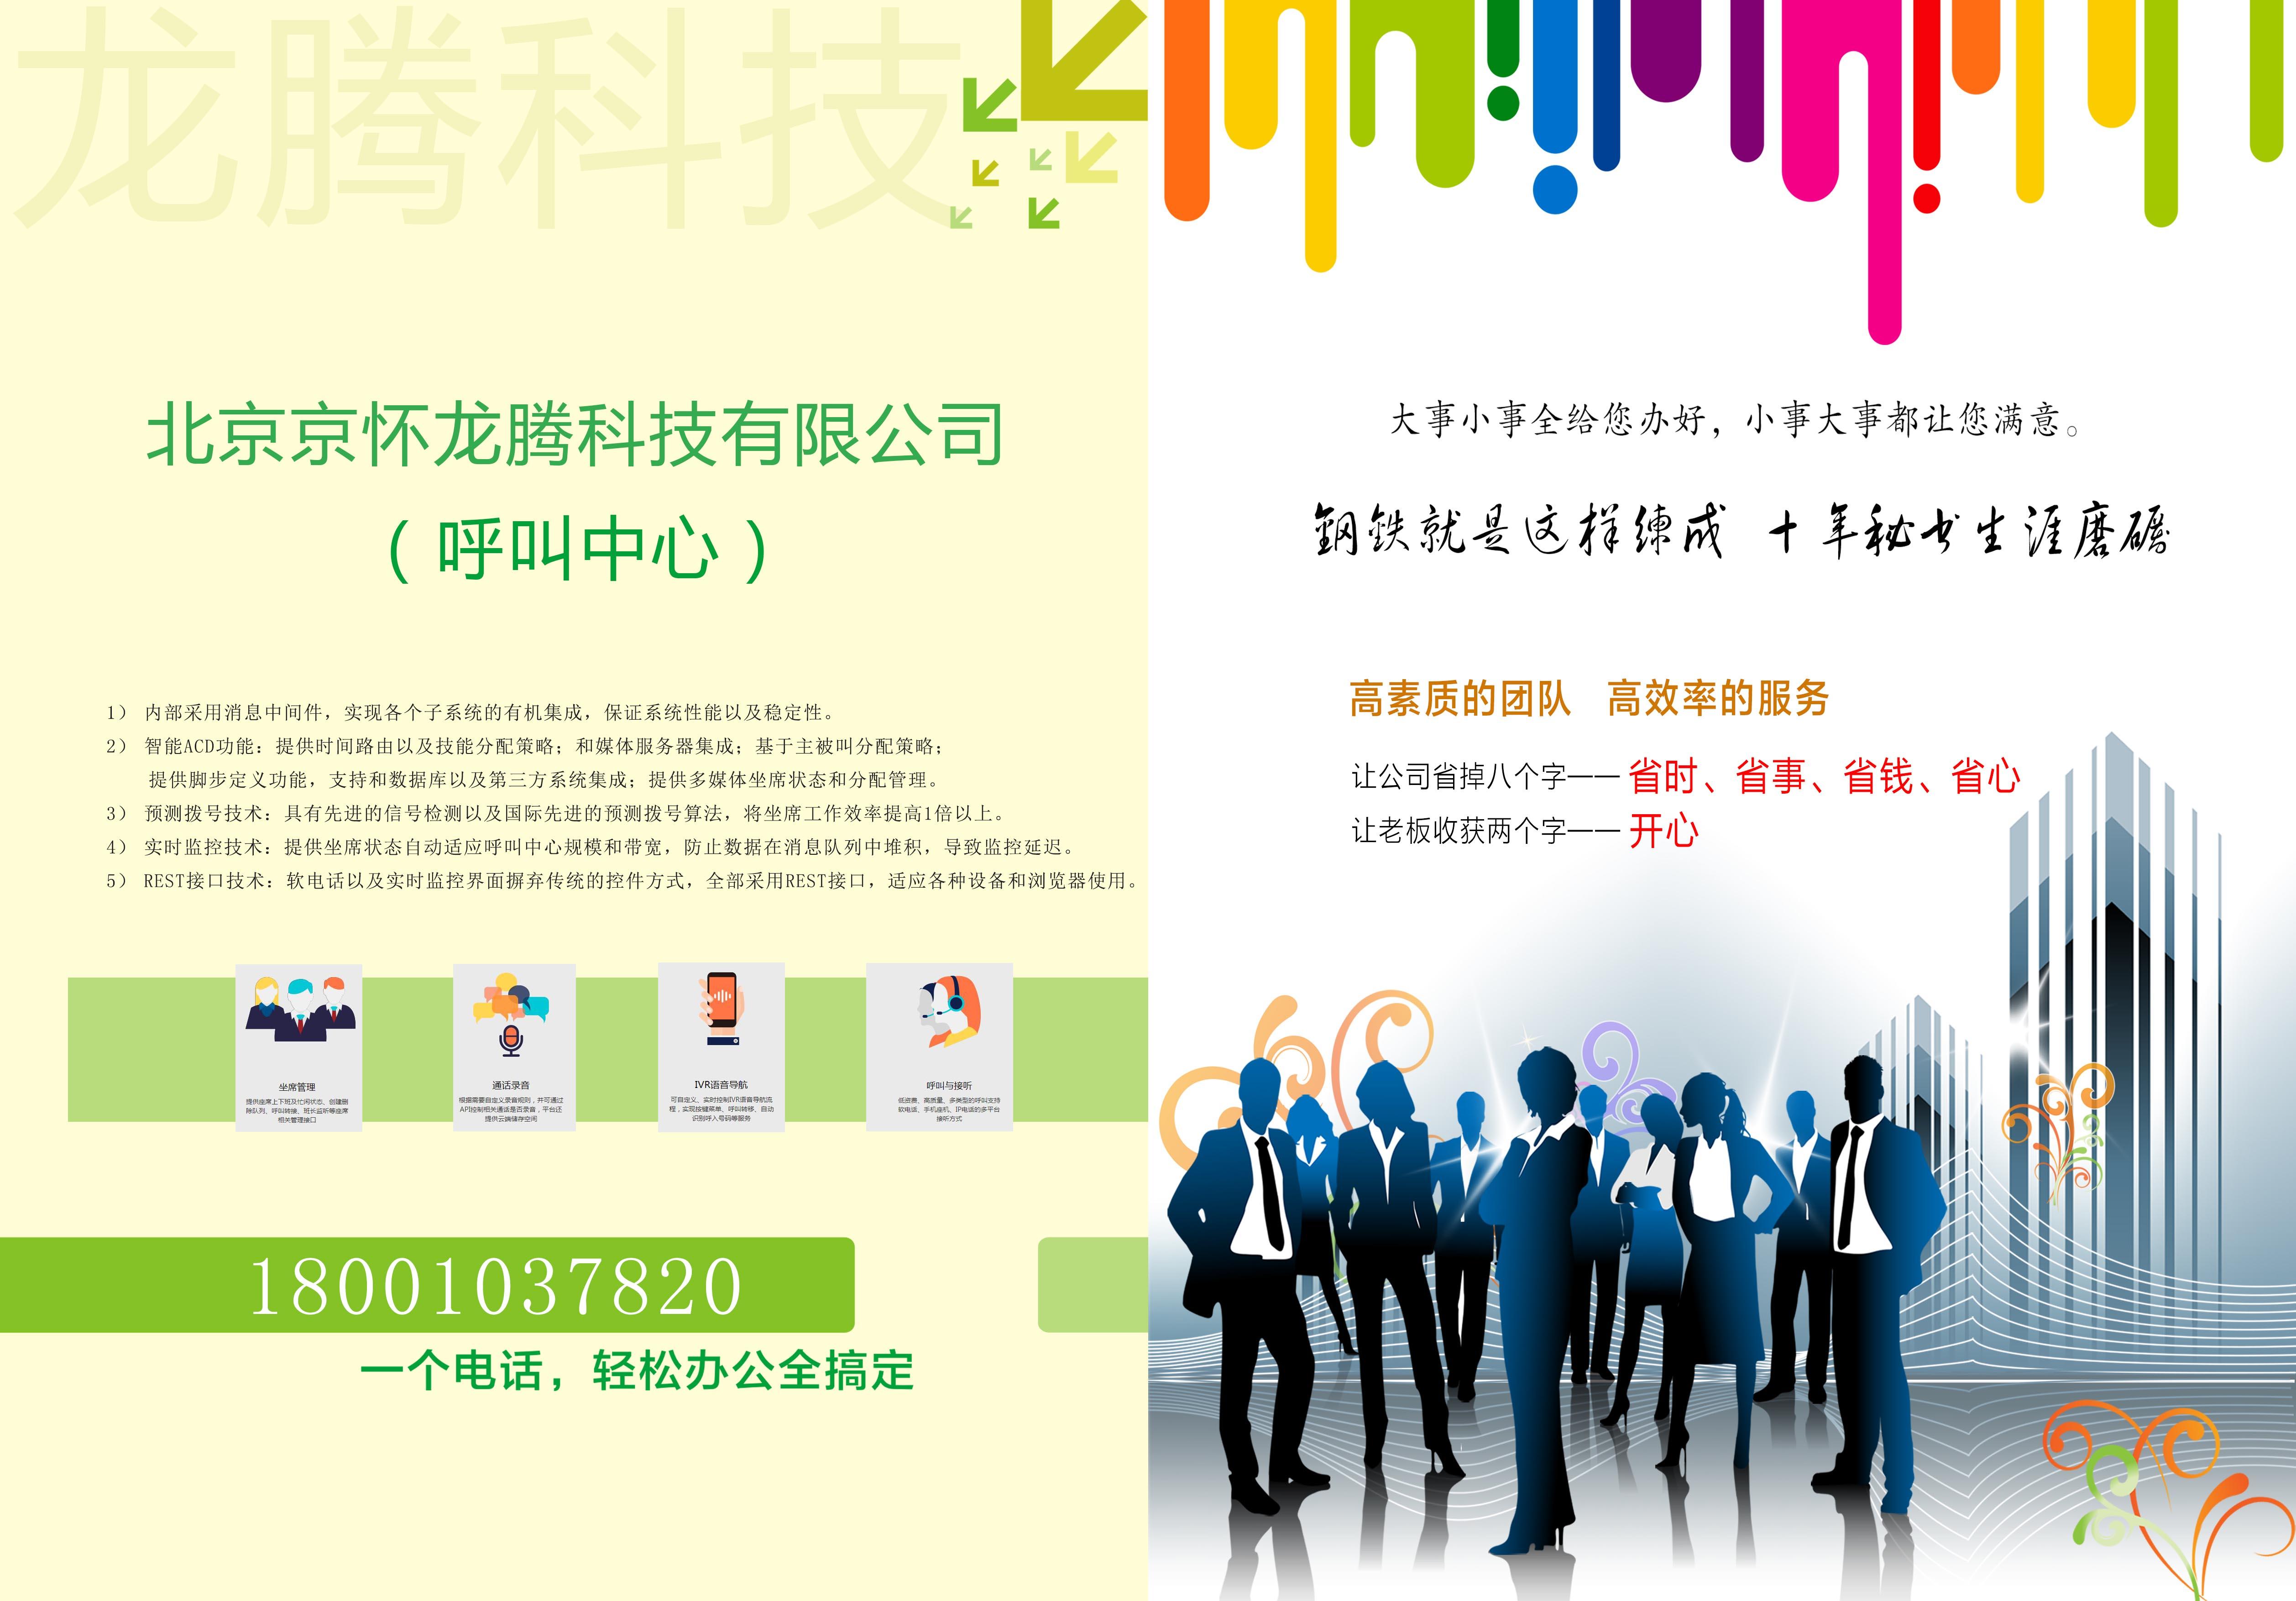 公司客服中心宣传海报